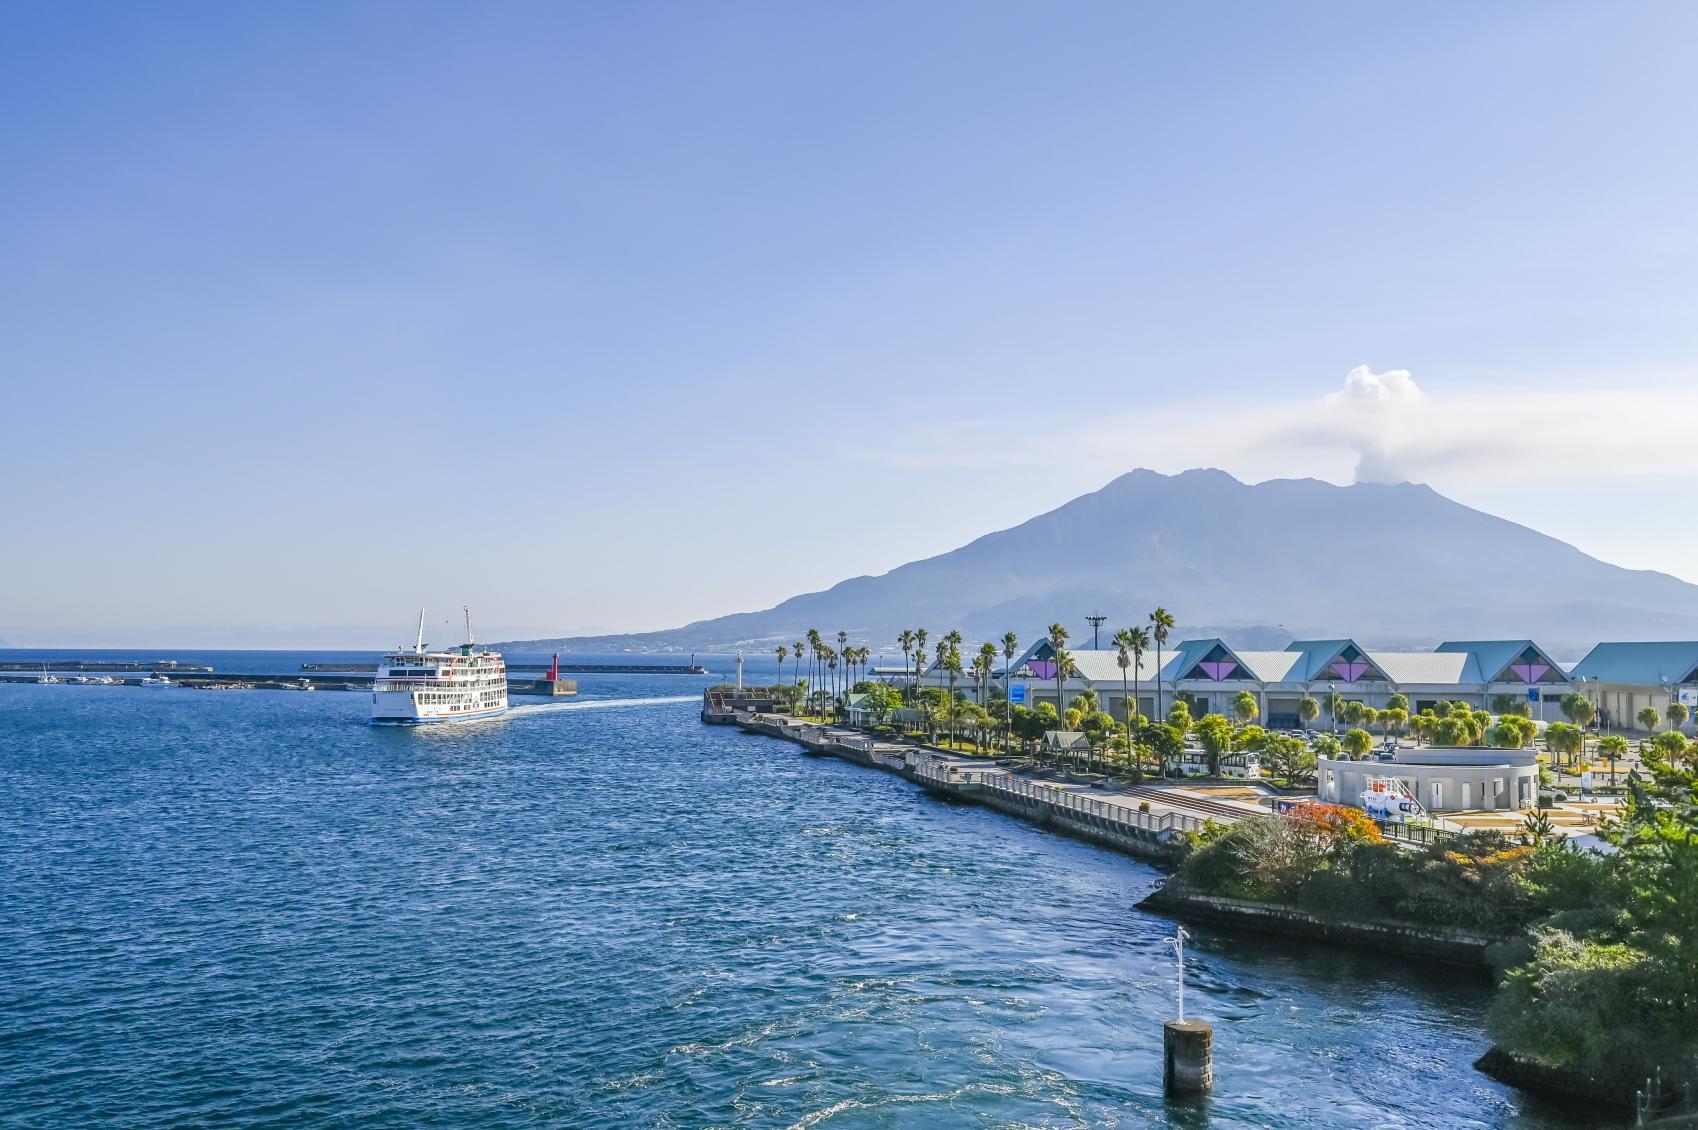 鹿児島市の魅力を再発見! ~秋風を感じながら楽しめるスポットの紹介~-1